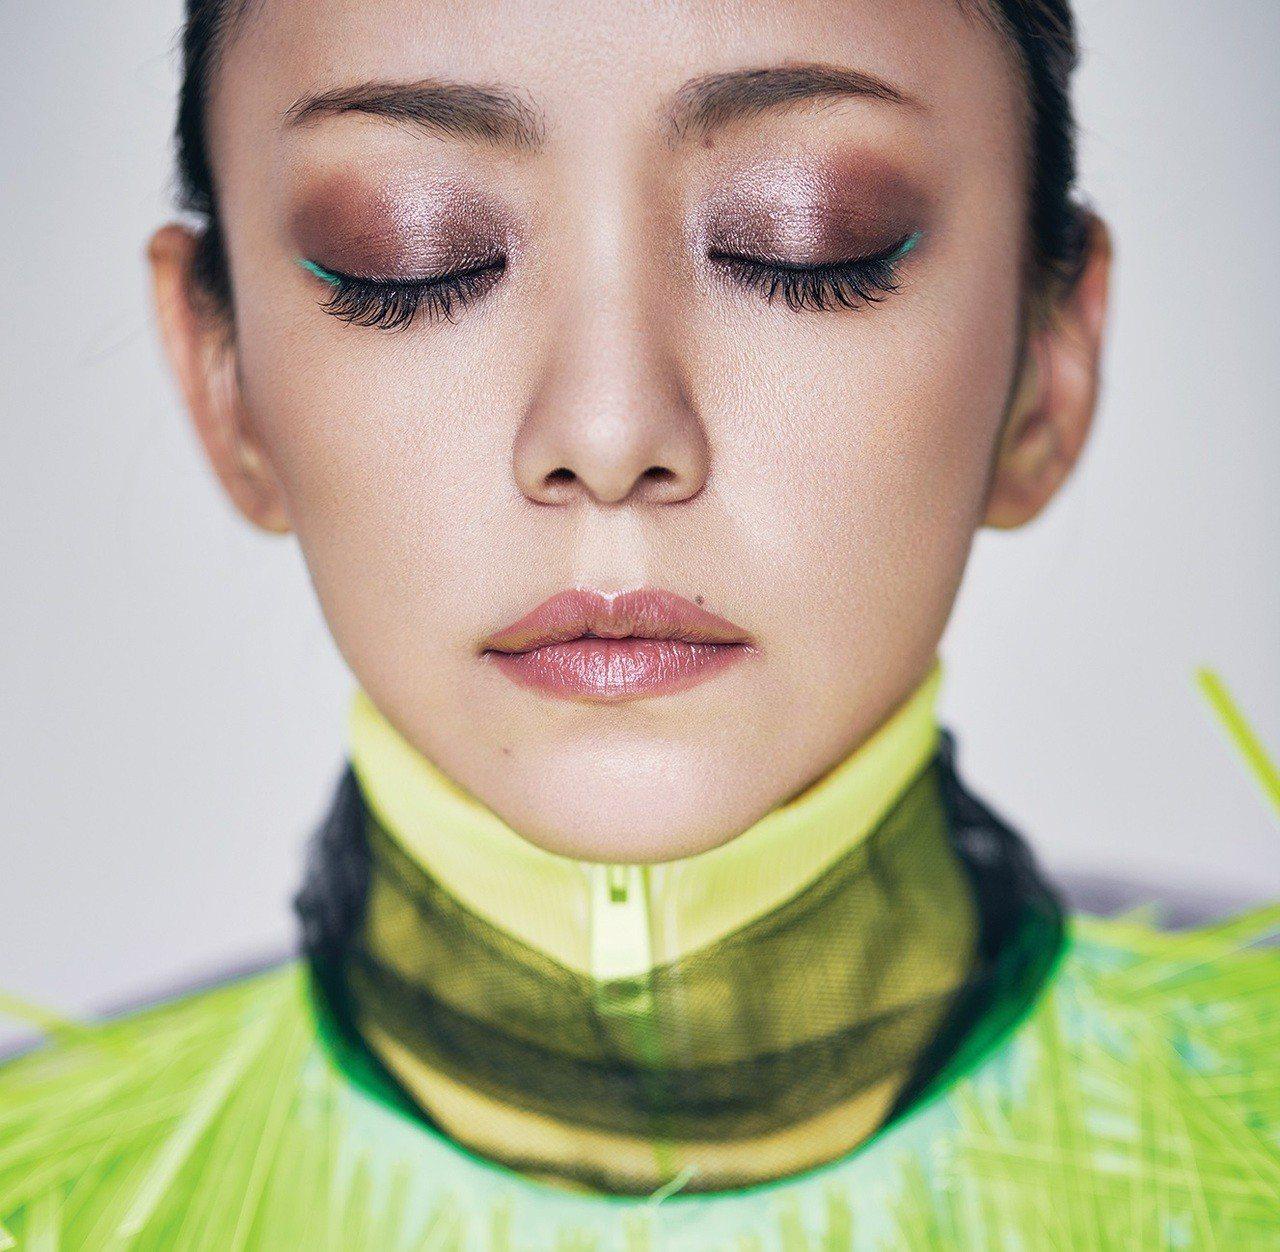 螢光高領背心、綁帶黑罩紗、PVC膠片洋裝(ALL BY PRADA)